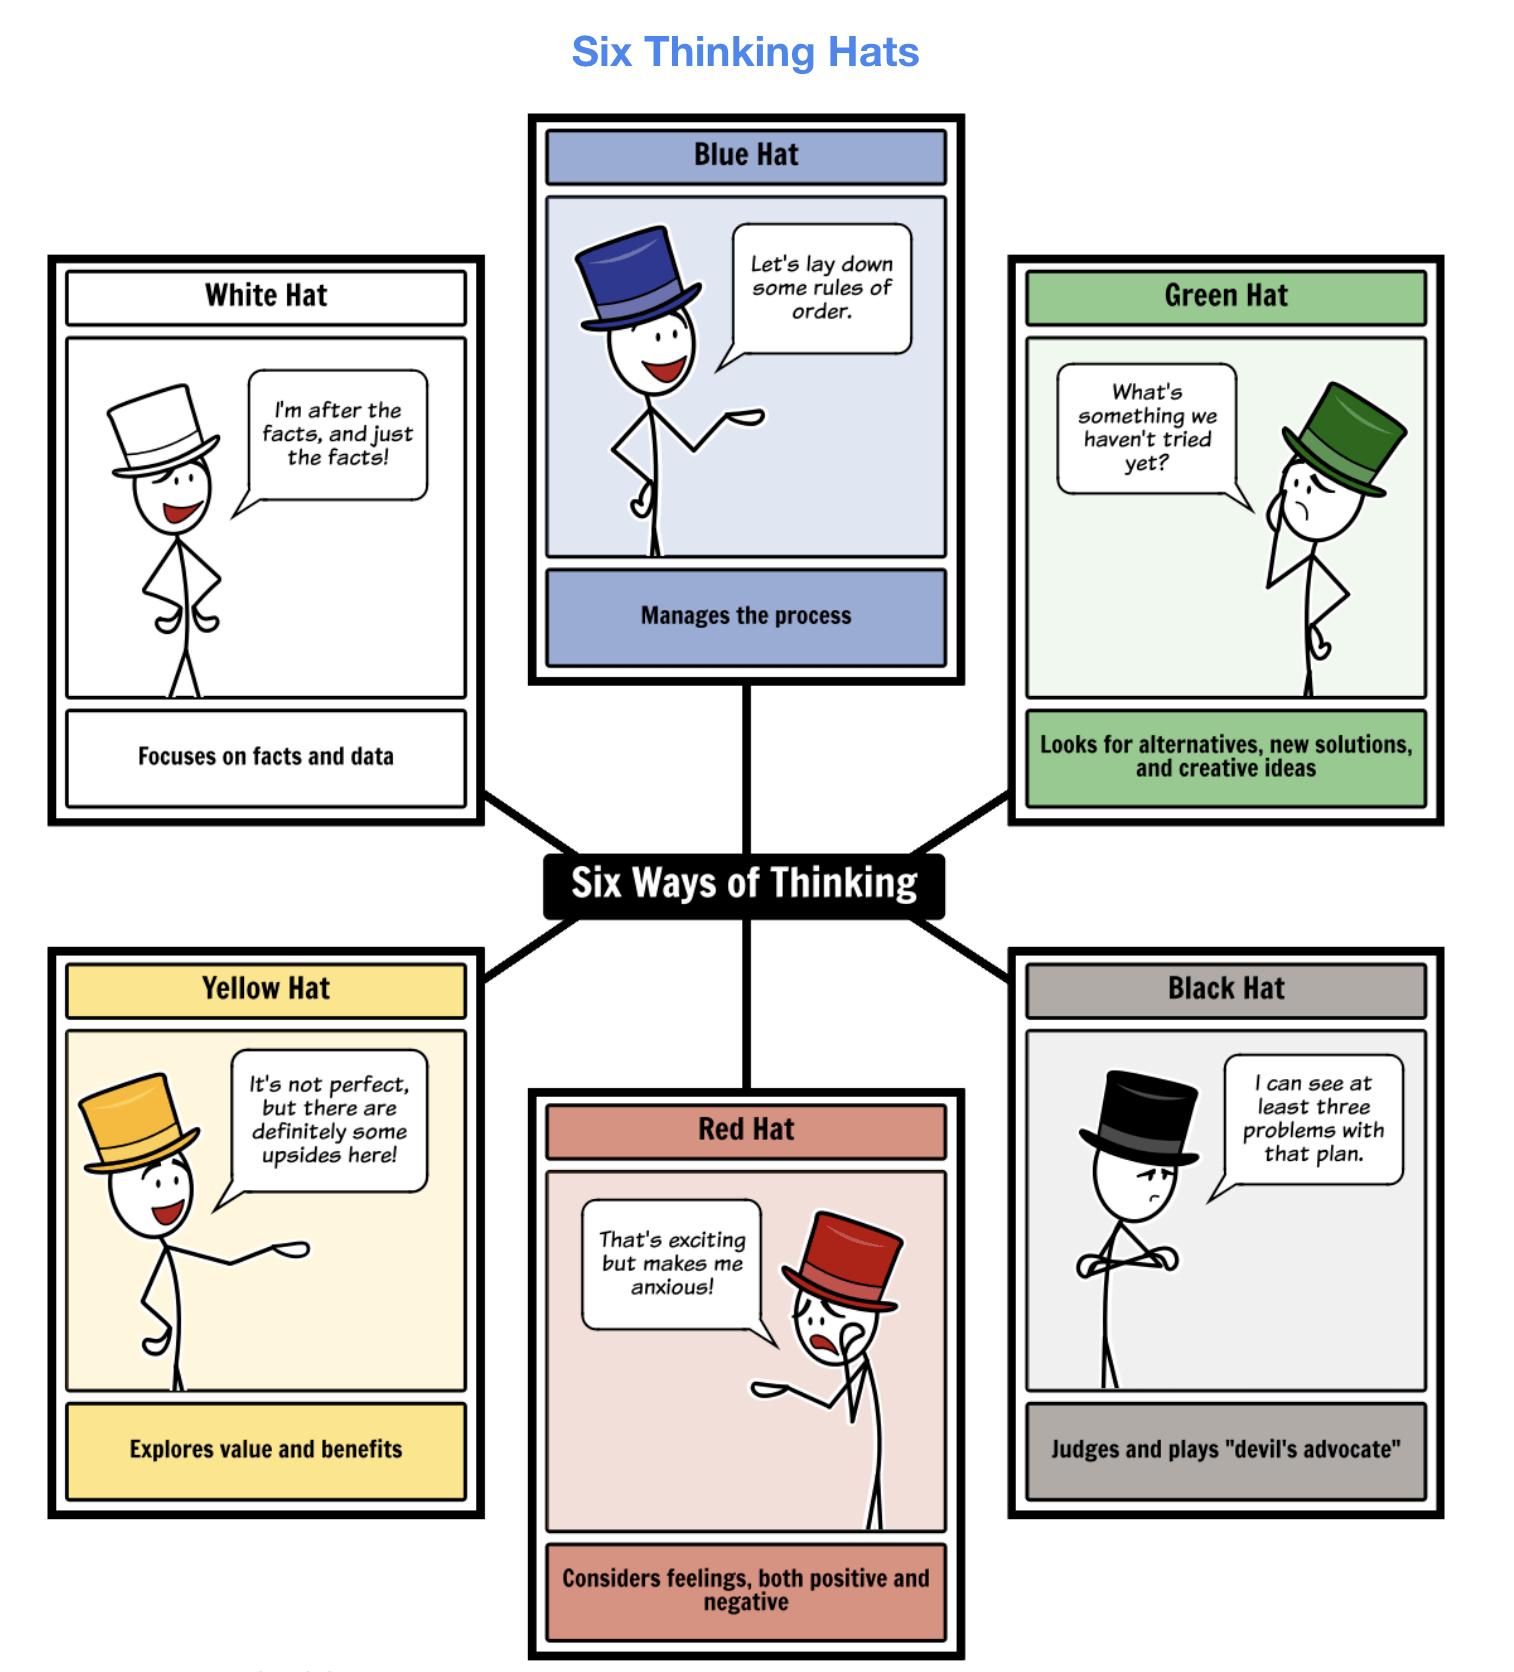 Six Thinking Hats book summary